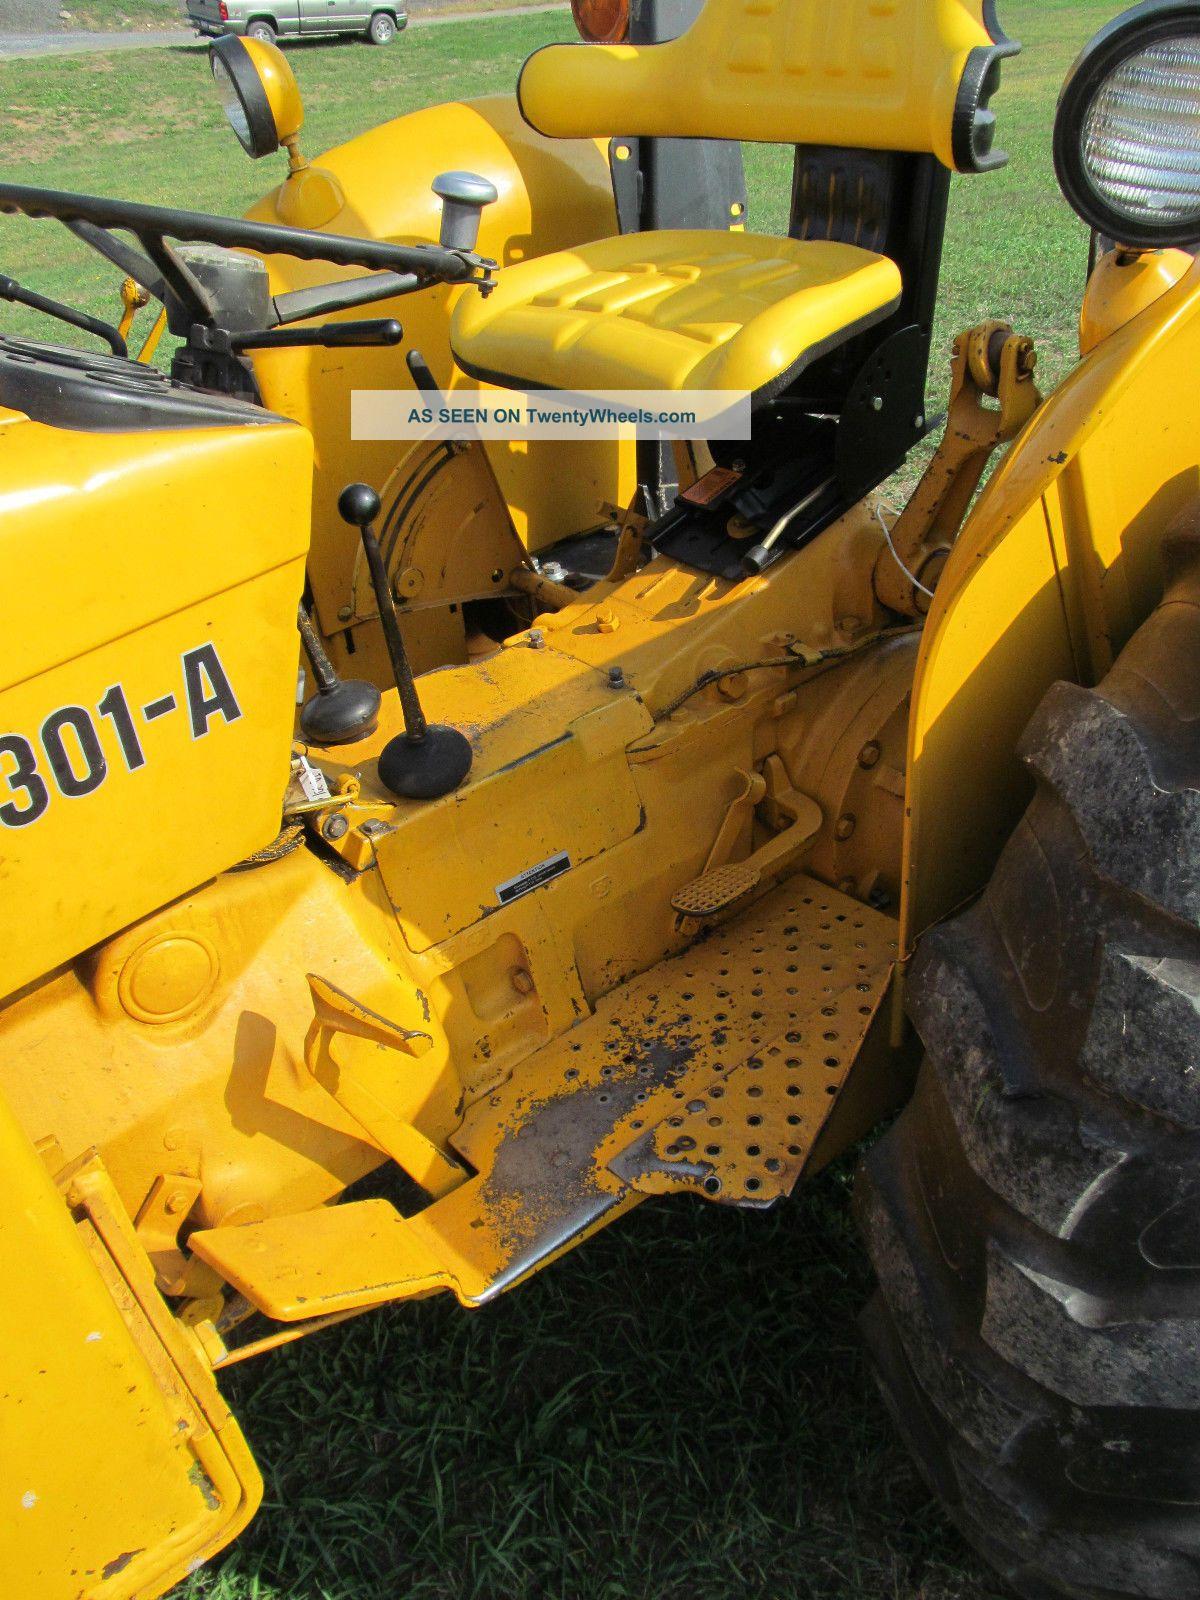 John Deere 301 A Industrial Tractor Loader 43 Hp Diesel Gear Hydro  #C59A06